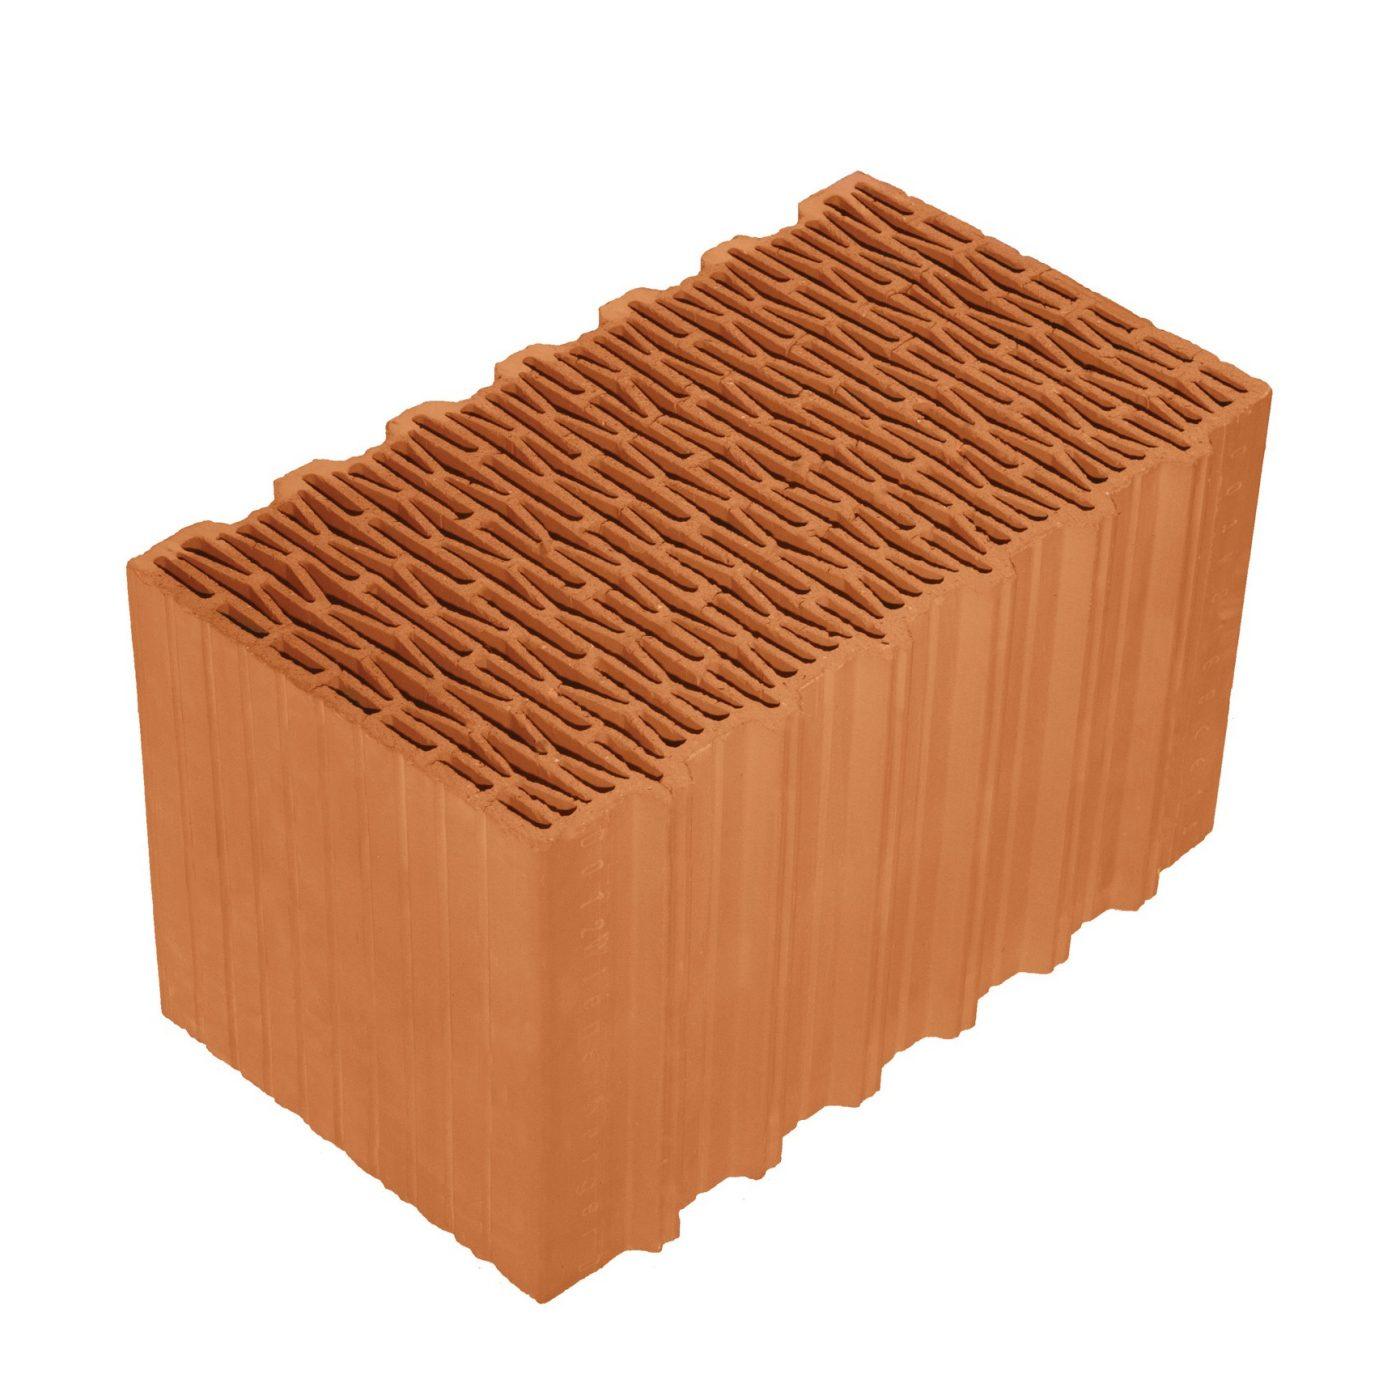 Porotherm 44 Klíma (Climate) brick (Profi, Dryfix)_régi